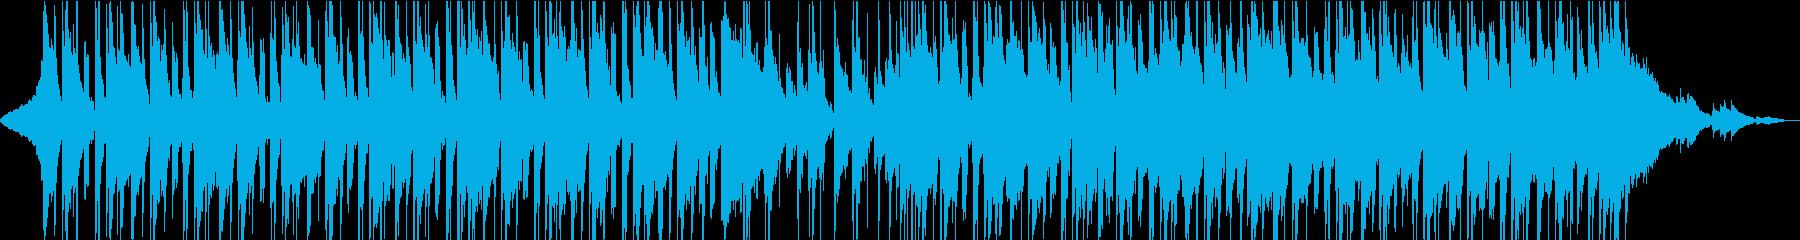 ティーン ポップ テクノ ブルース...の再生済みの波形